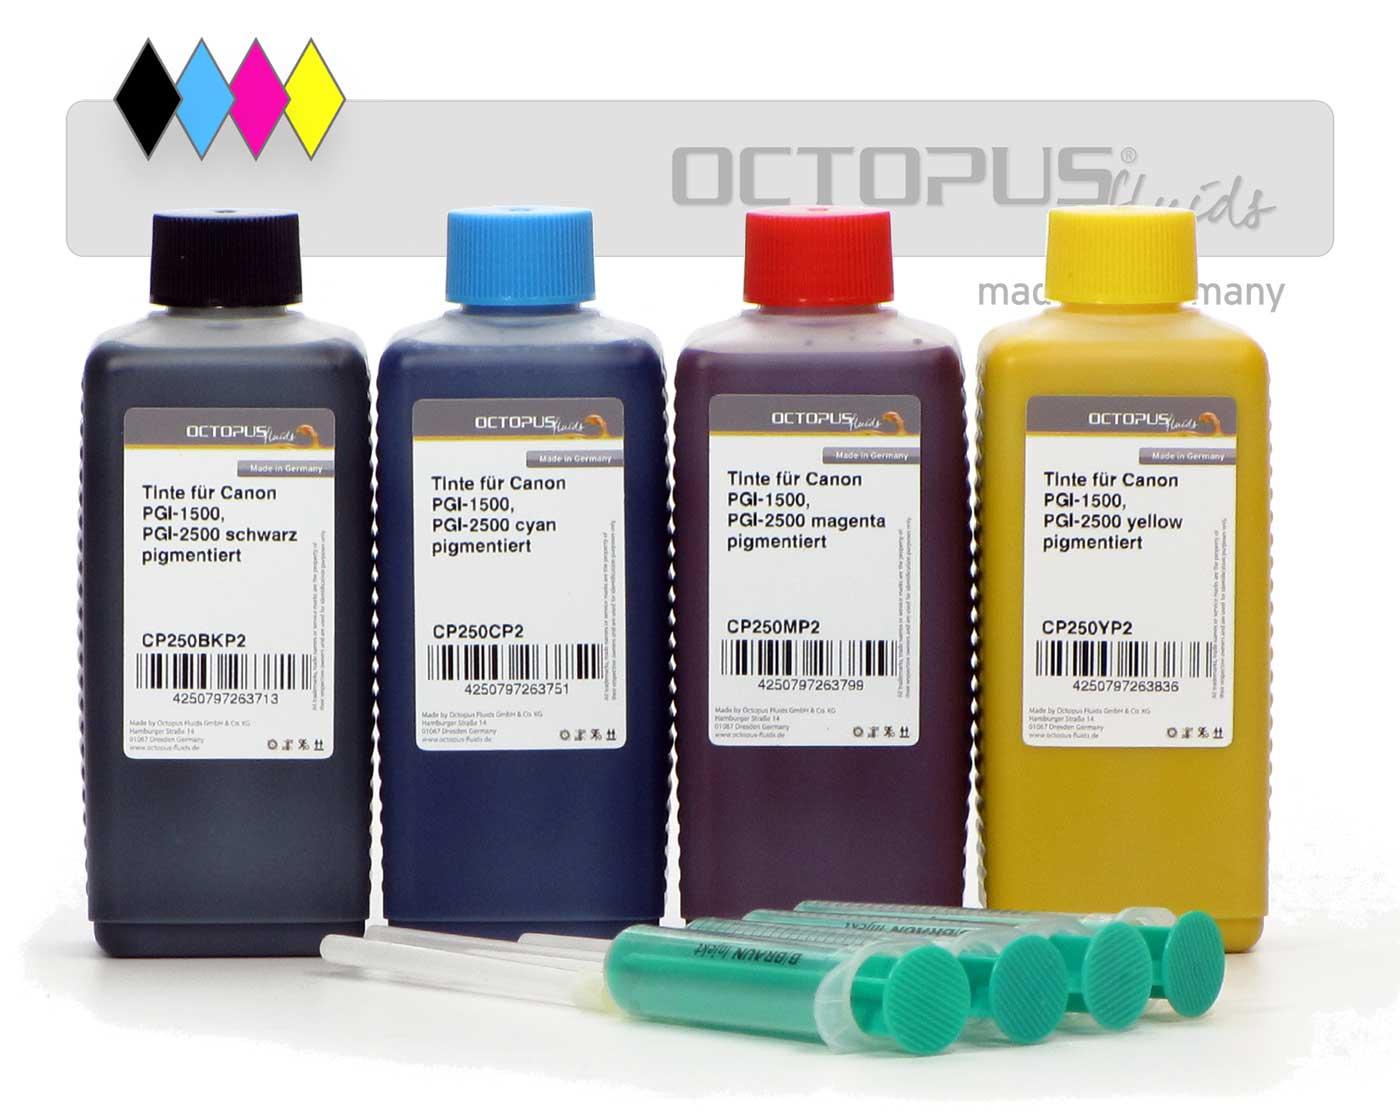 Kit di inchiostri di ricarica per cartucce Canon PGI-1500, PGI-2500 Maxify